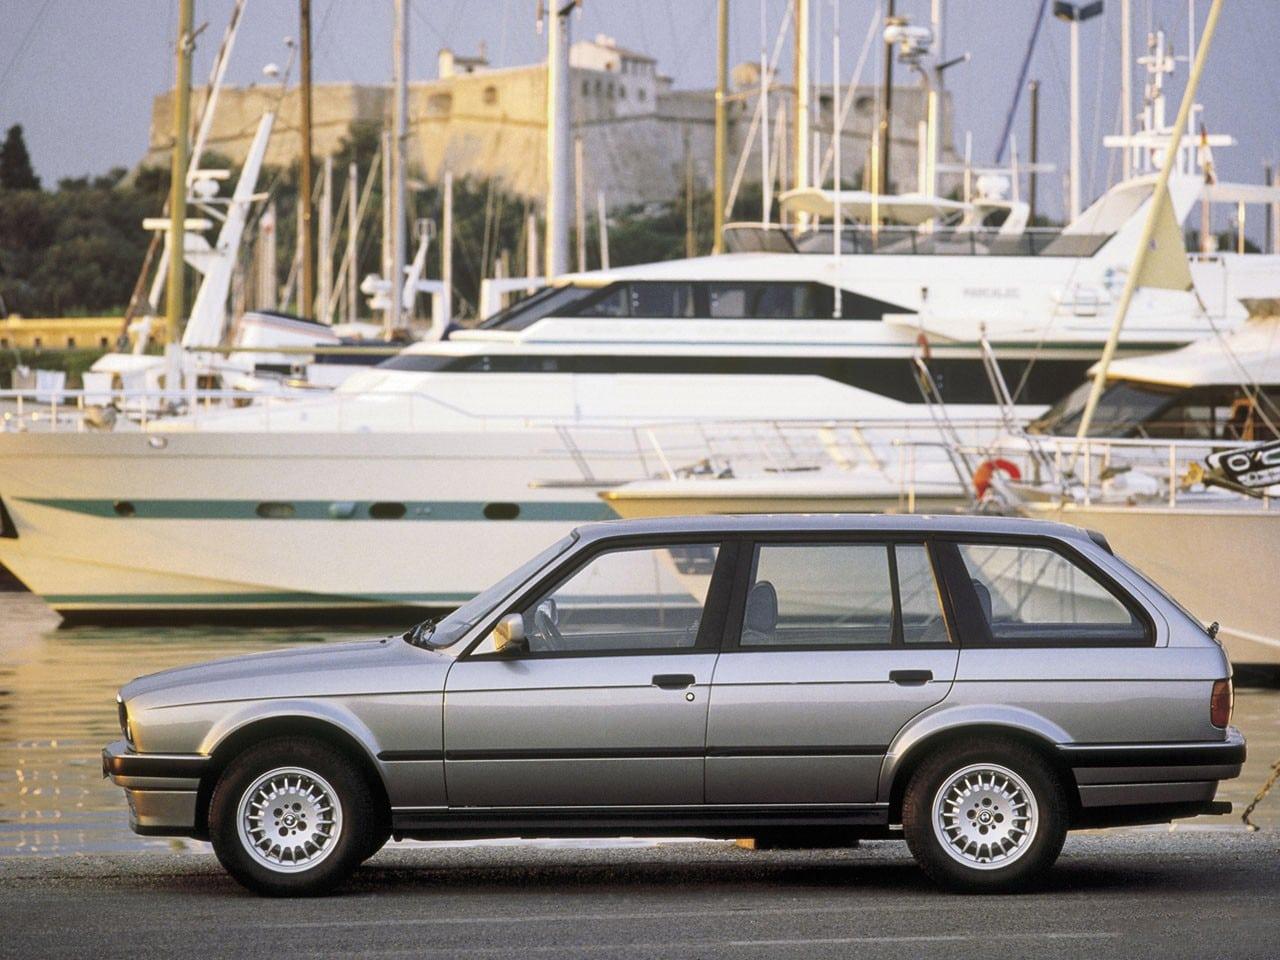 30 лет BMW 3 серии: второе поколение в кузове E30 Touring